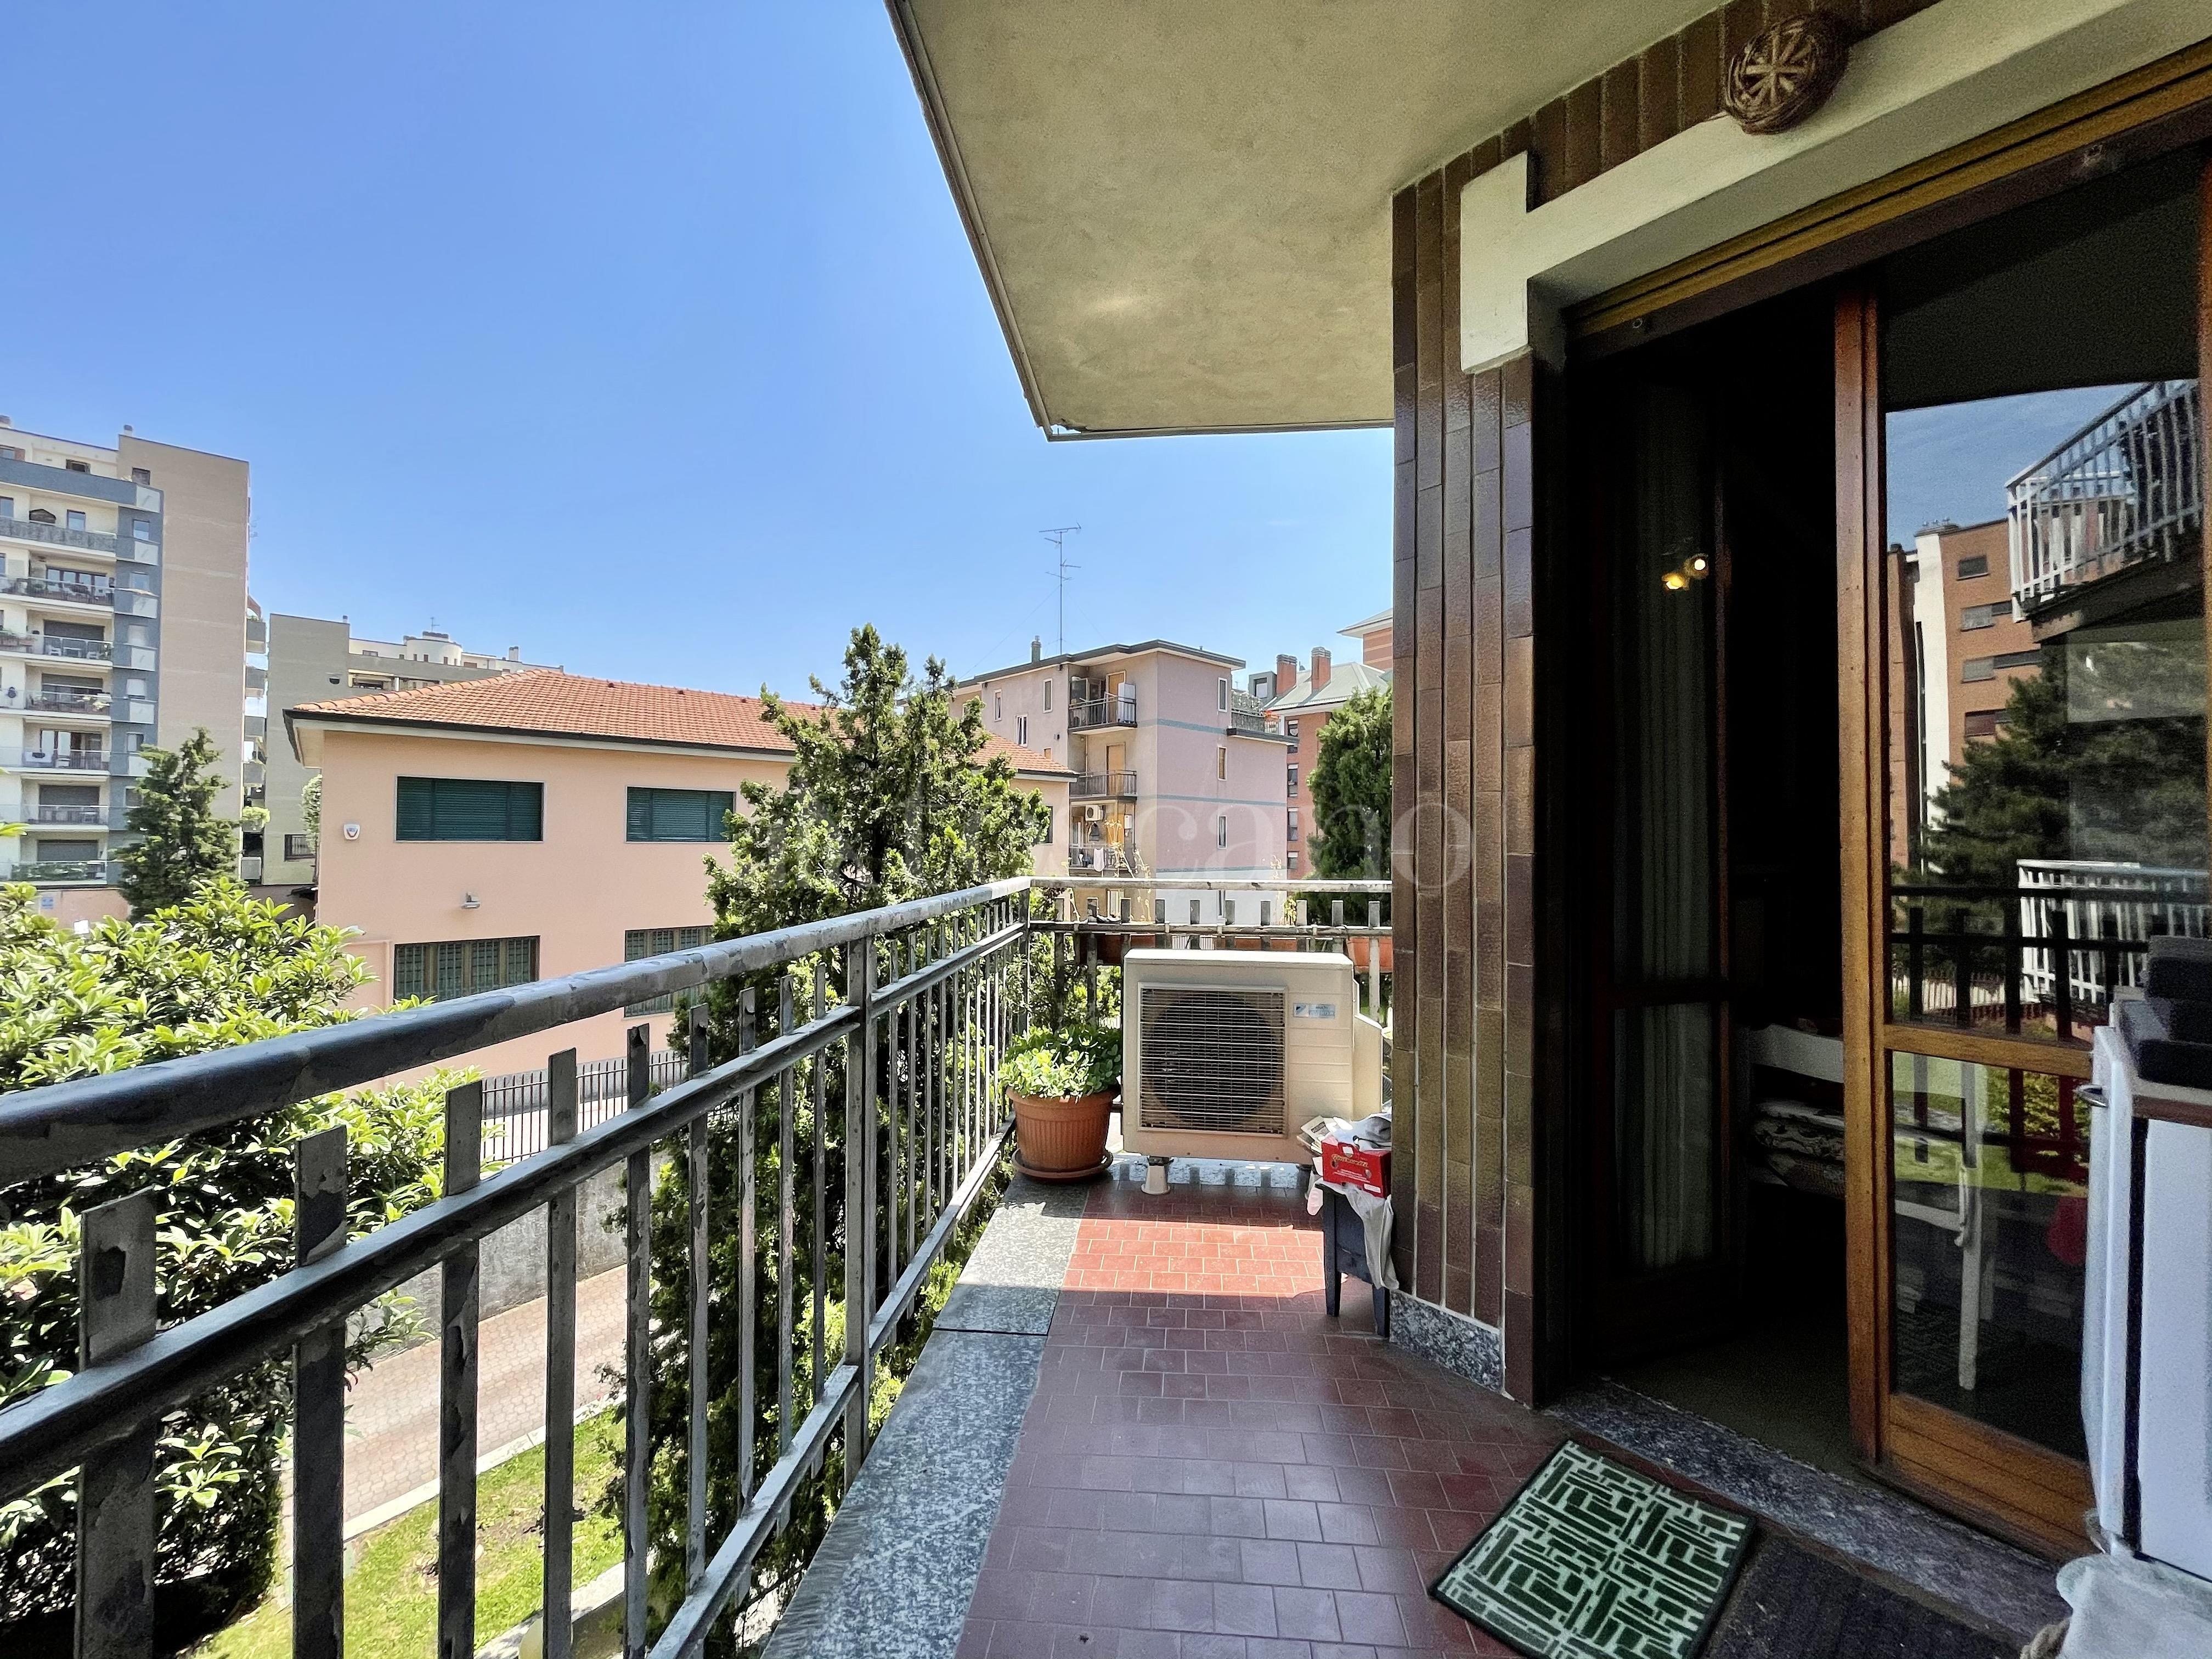 Casa in vendita di 90 mq a €310.000 (rif. 38/2021)